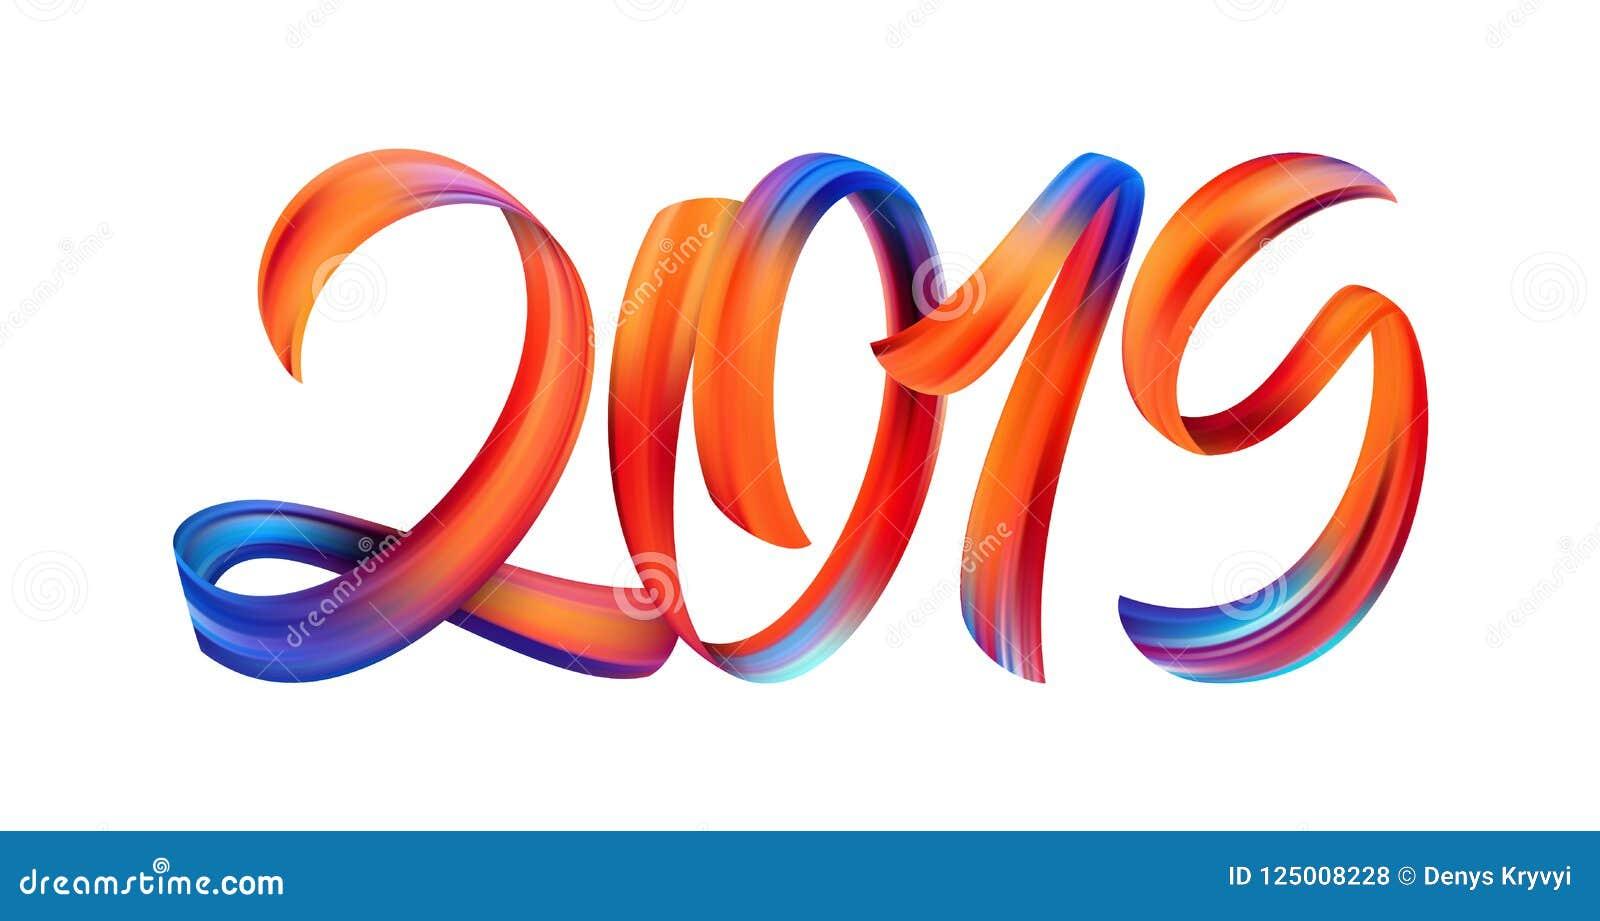 Illustration de vecteur : Calligraphie colorée de lettrage de peinture de traçage de 2019 sur le fond blanc An neuf heureux